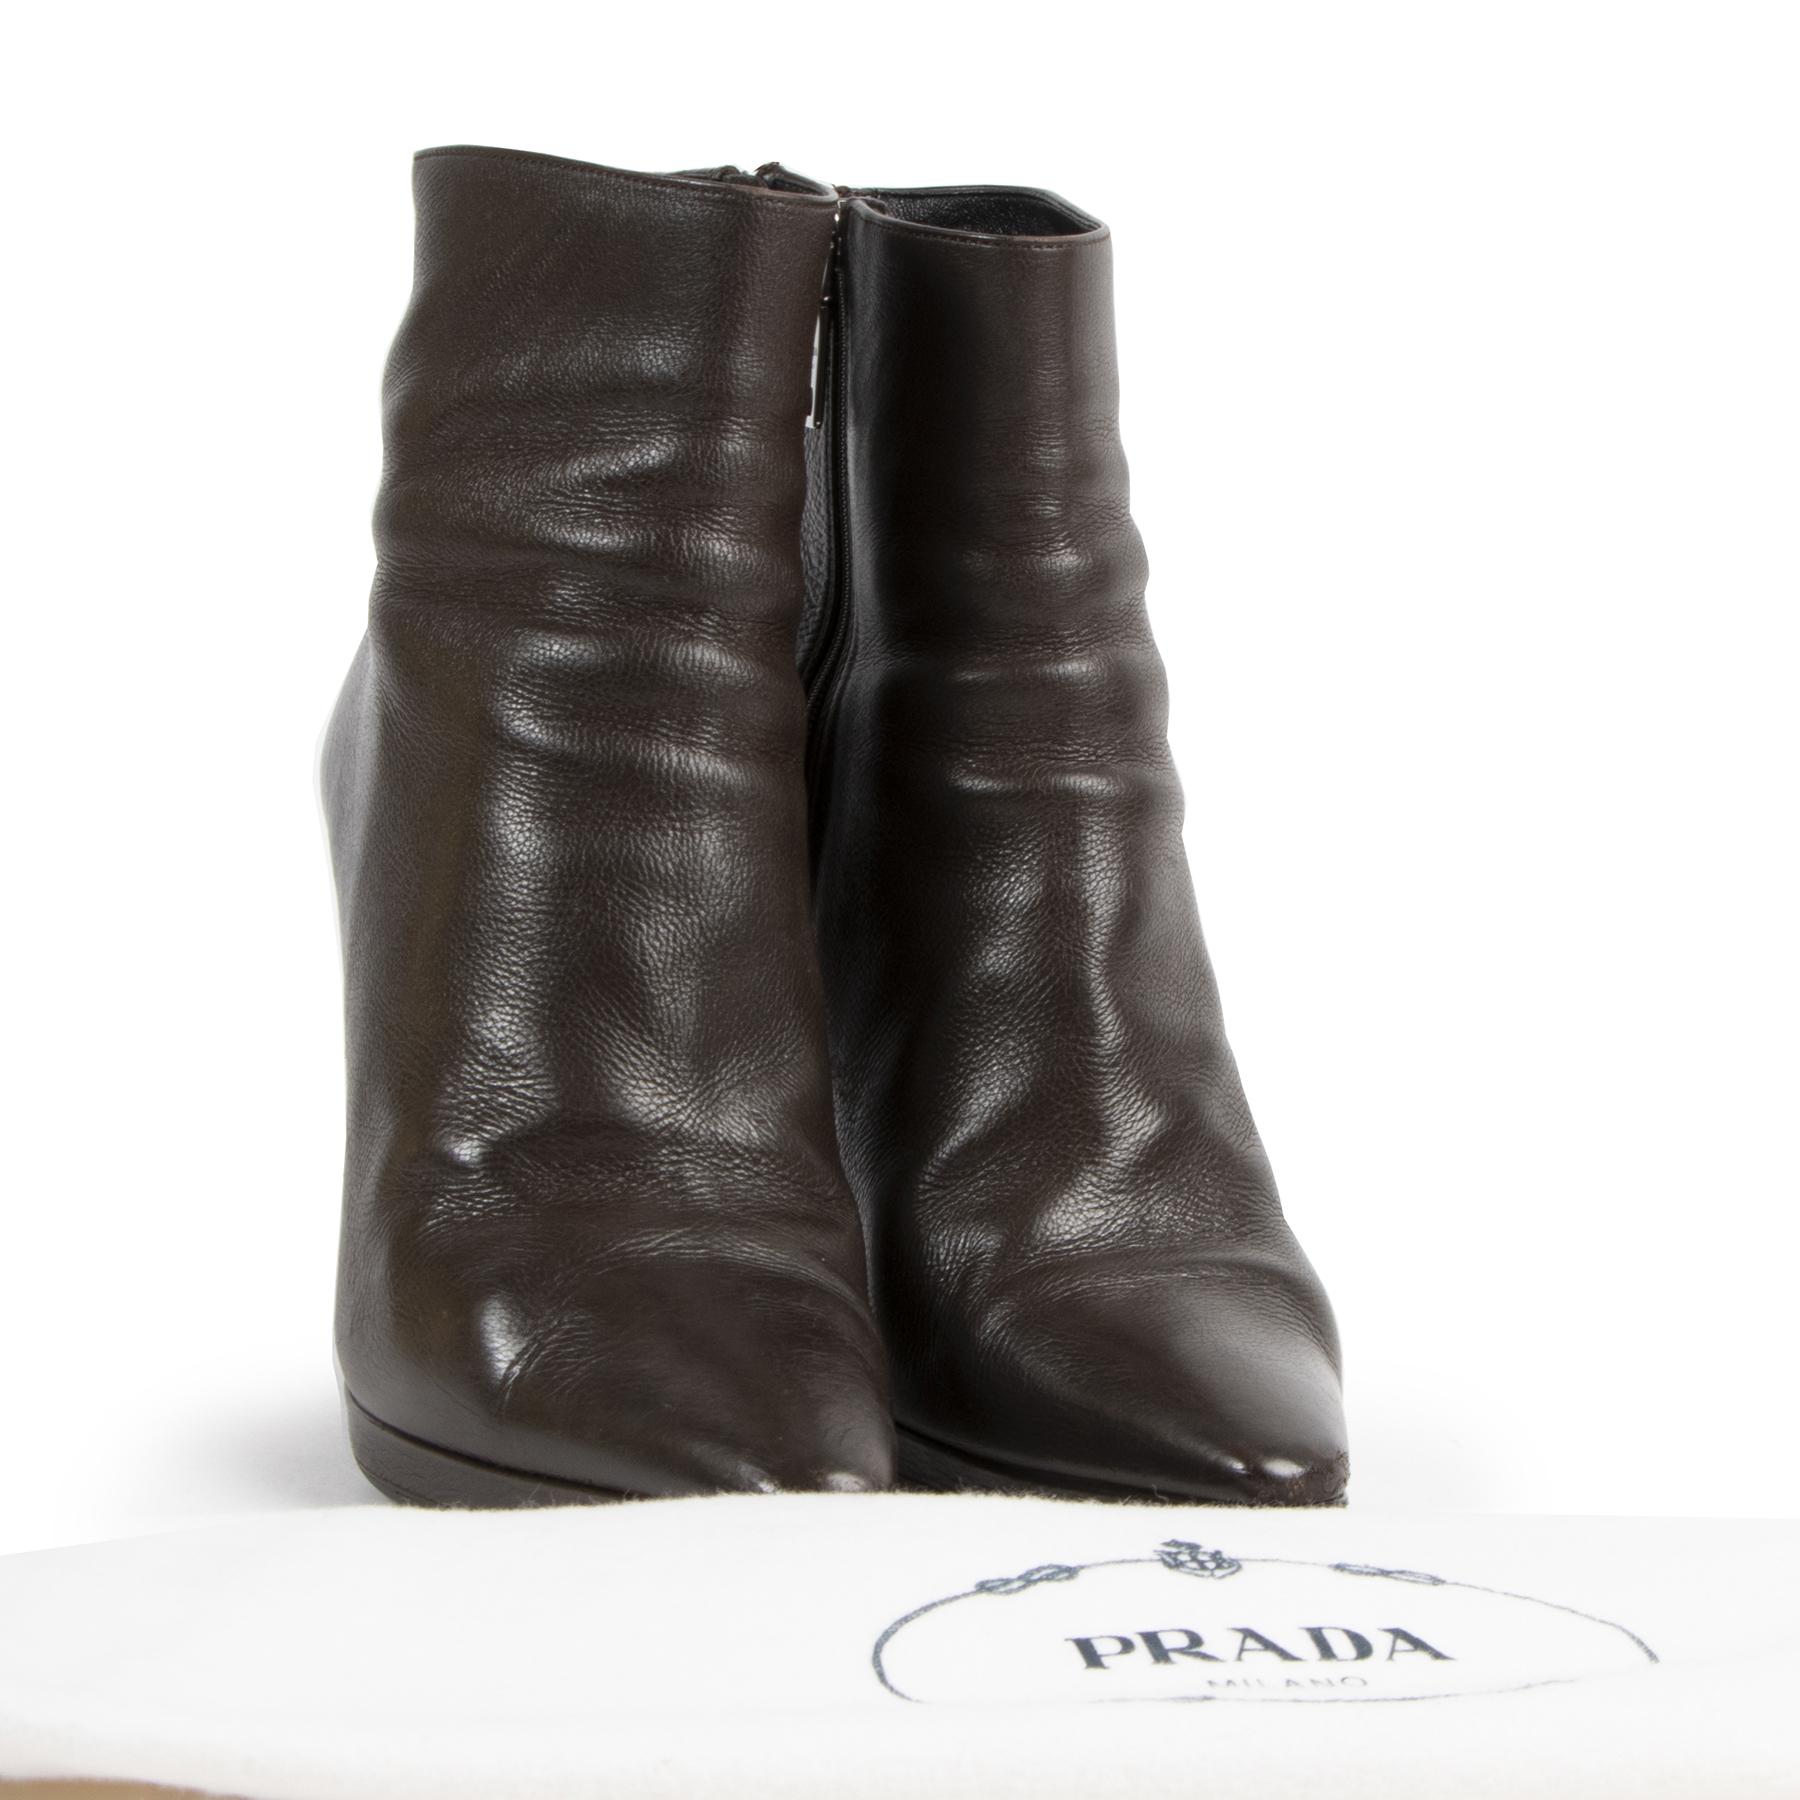 Prada Brown Leather Ankle Boots kopen en verkopen aan de beste prijs